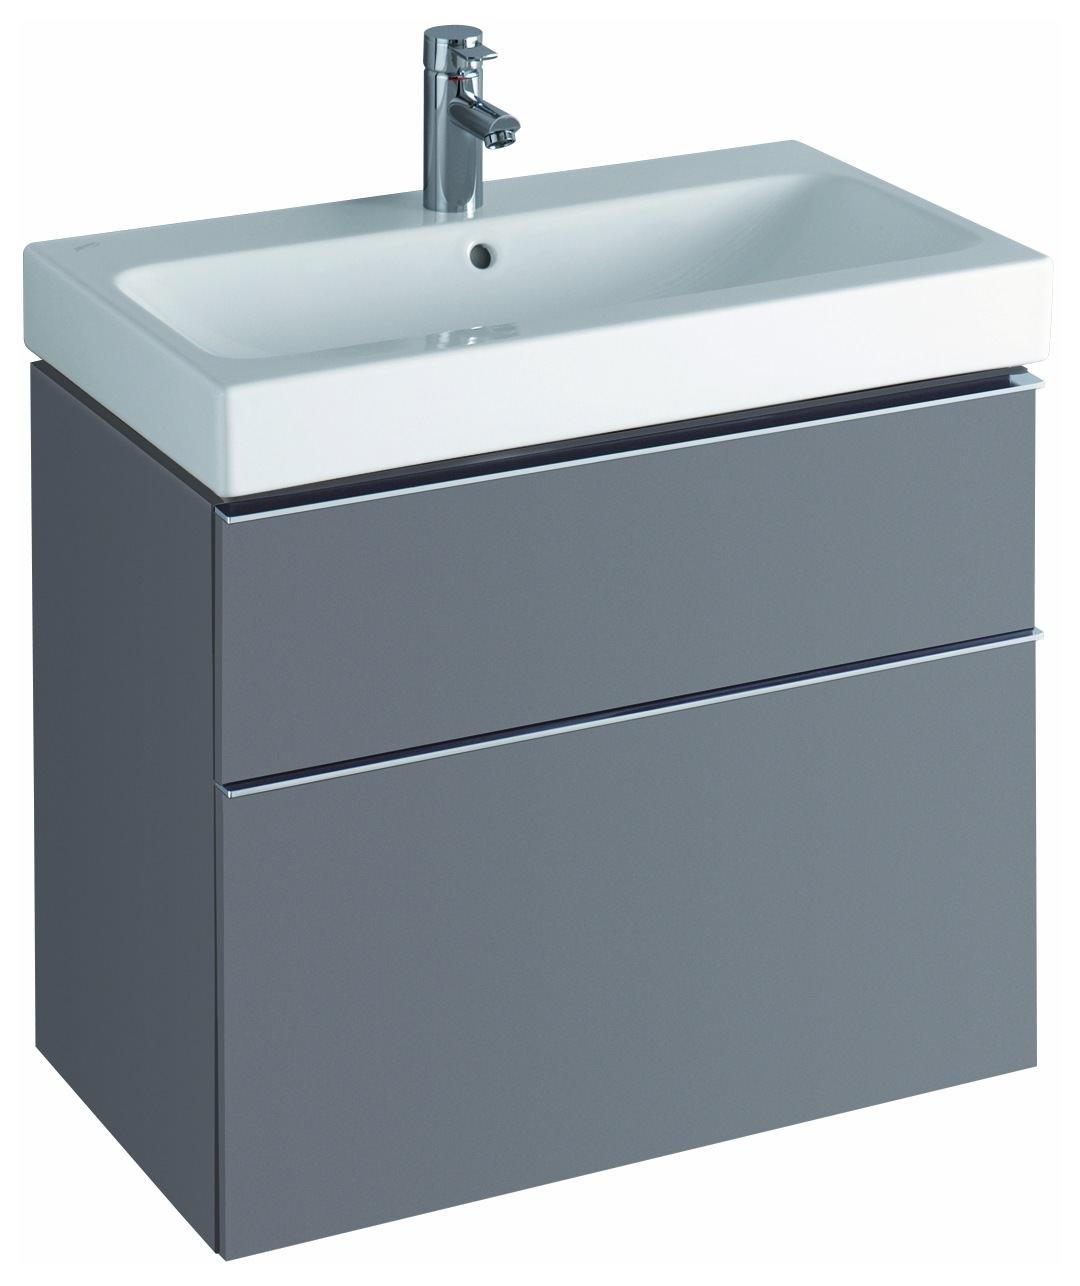 keramag icon waschtisch 750mm x 485mm wei alpin. Black Bedroom Furniture Sets. Home Design Ideas